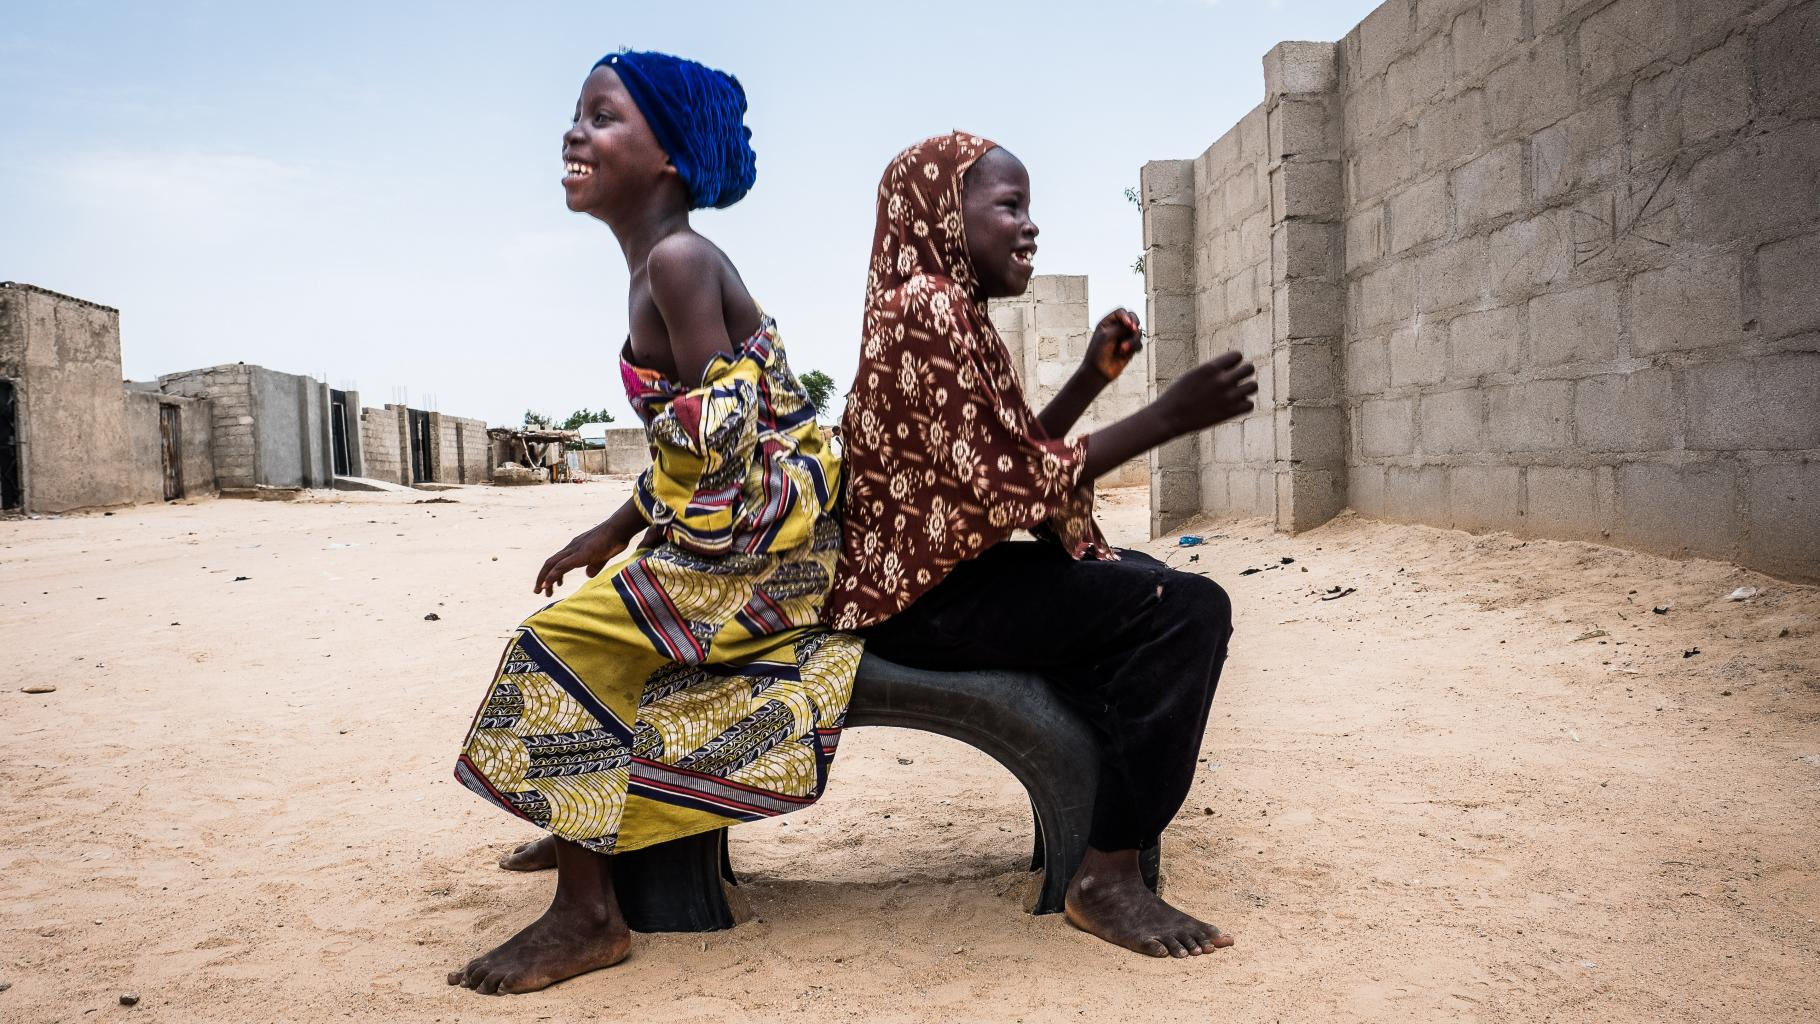 Zwei Mädchen sitzen auf einem Autoreifen auf einer Straße Nigeria